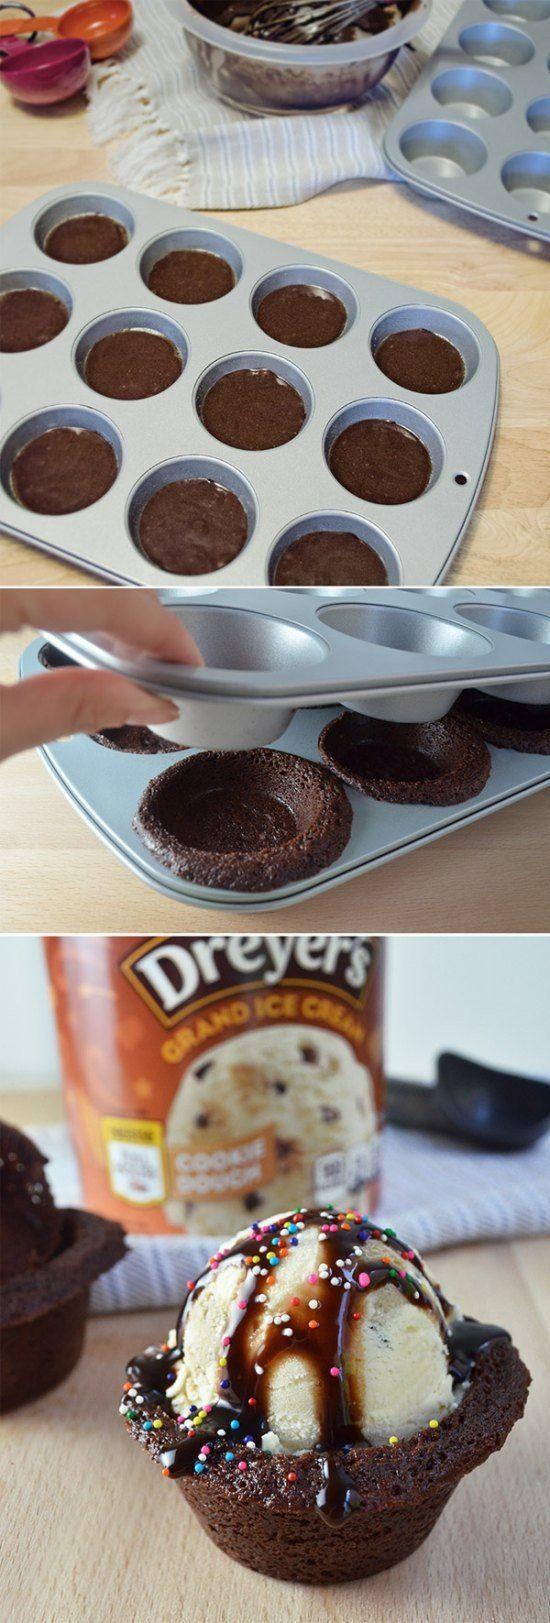 Brownie bowls